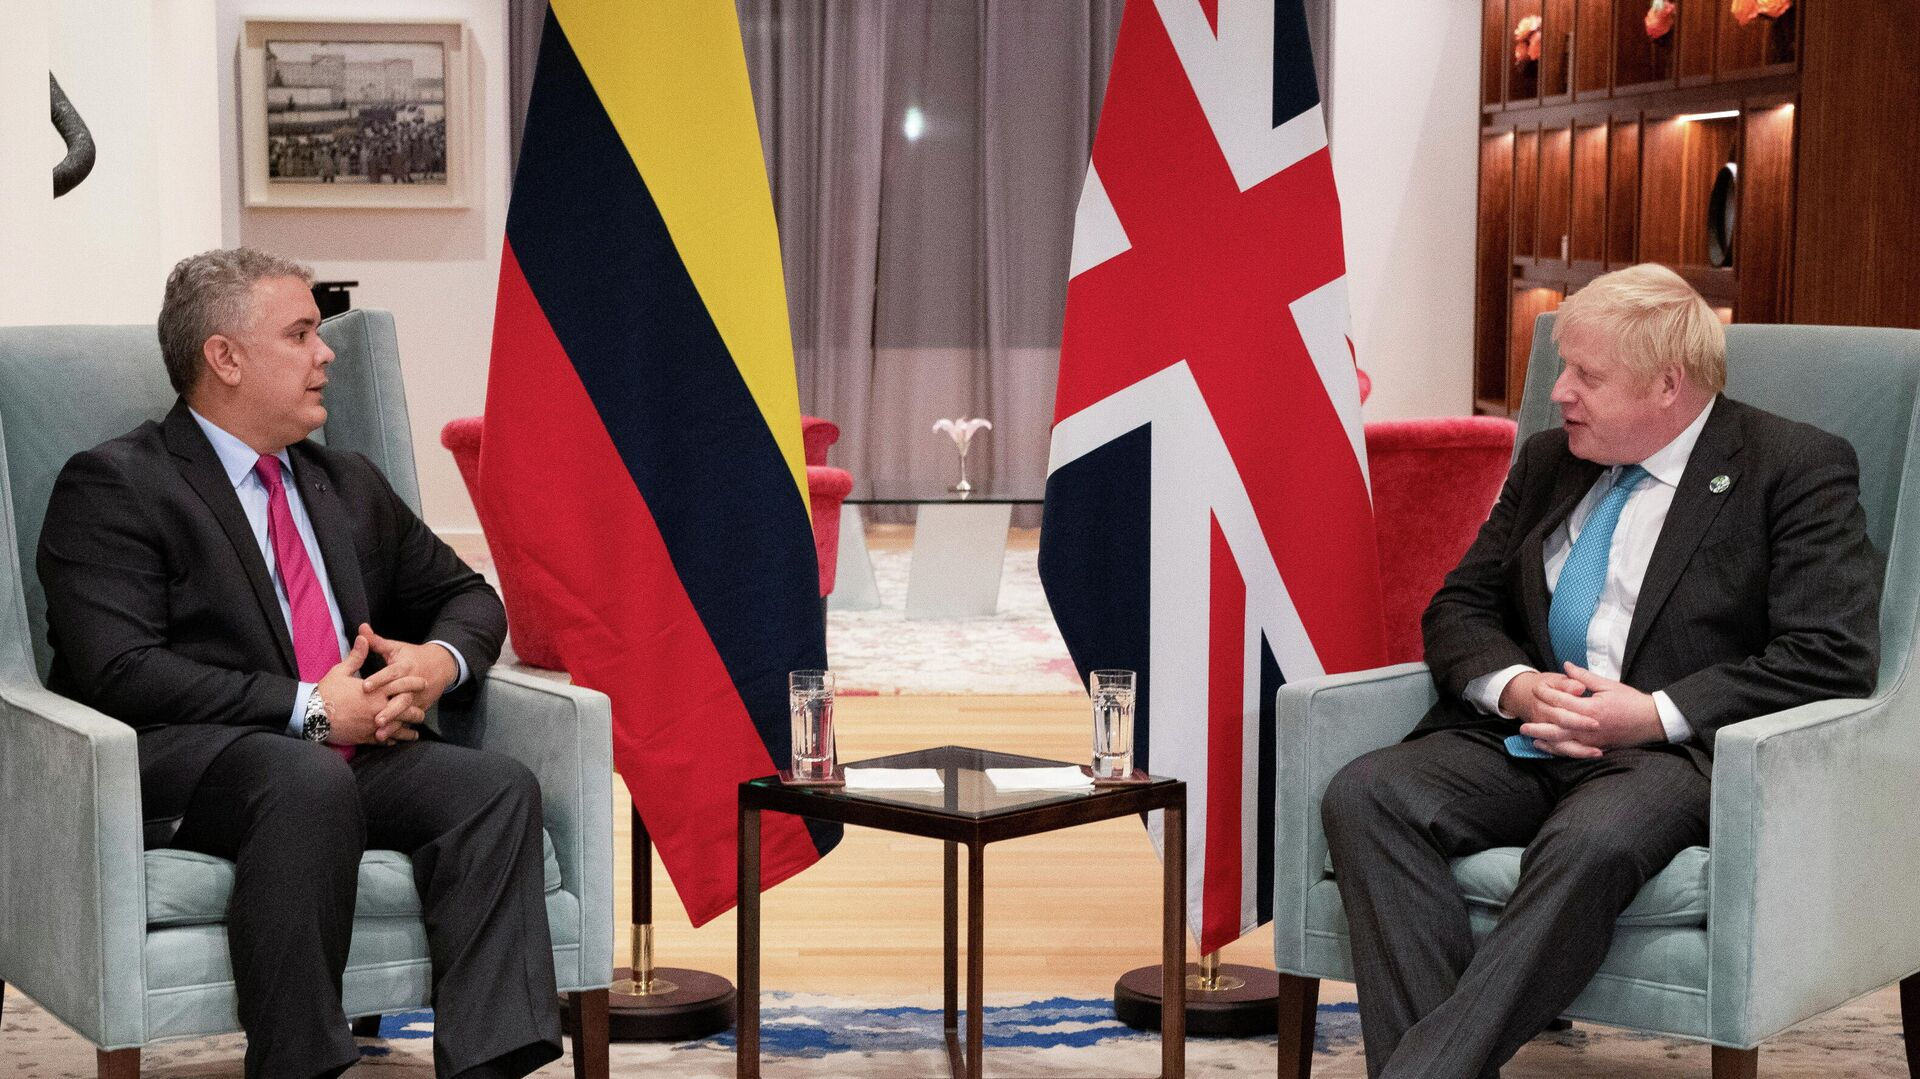 El presidente de Colombia, Iván Duque con el primer ministro de Reino Unido, Boris Johnson - Sputnik Mundo, 1920, 23.09.2021